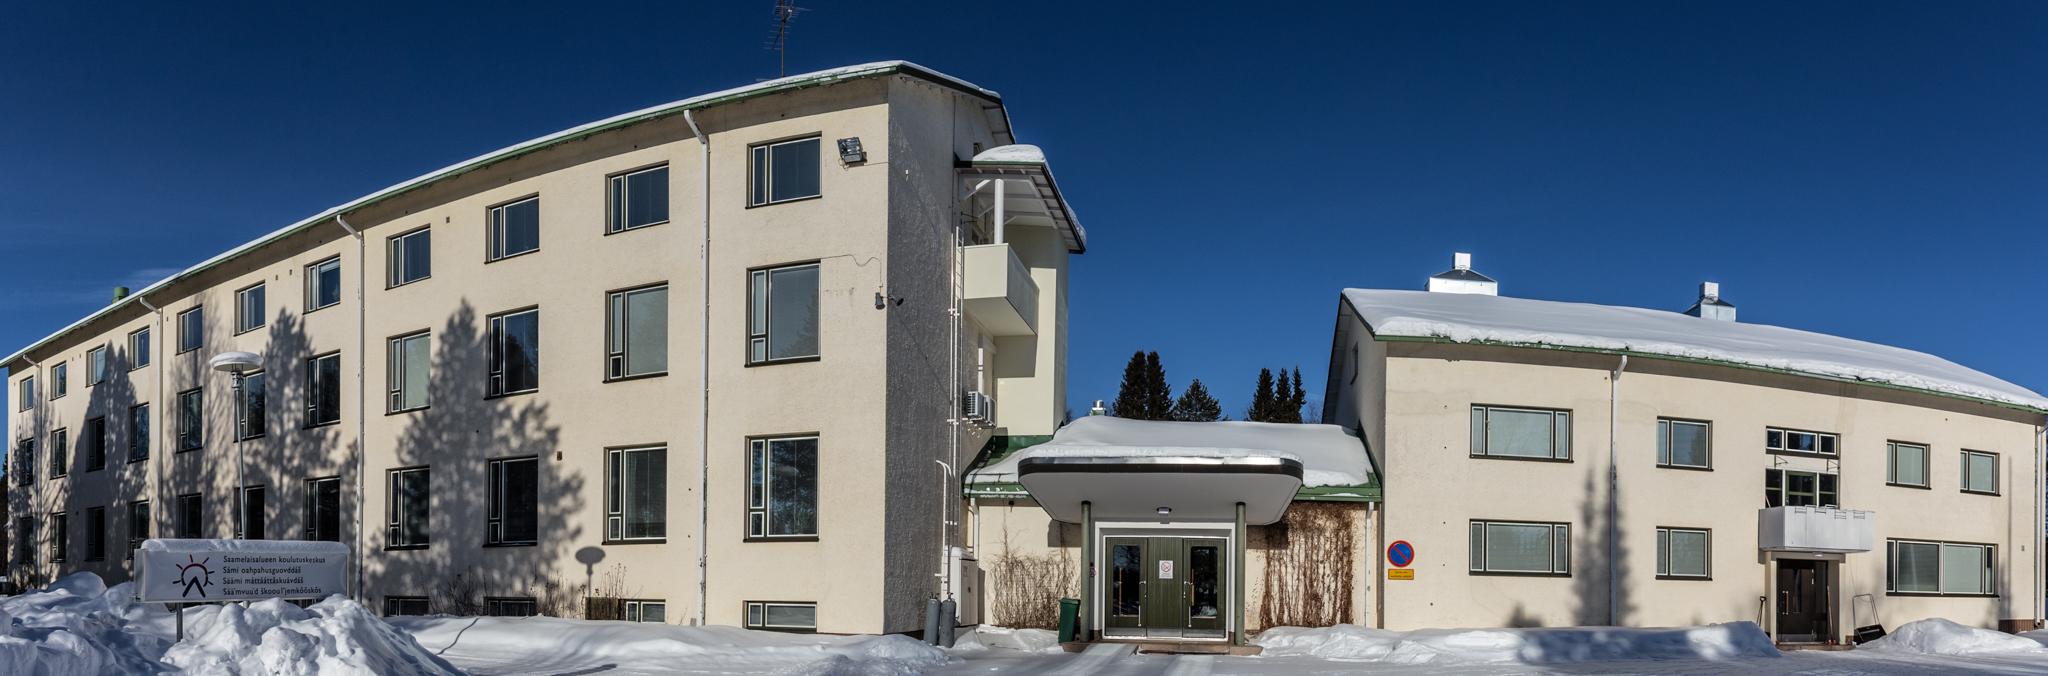 Toimitila, Kalottikeskus, Kirkkokuja 14, Ivalo, Inari